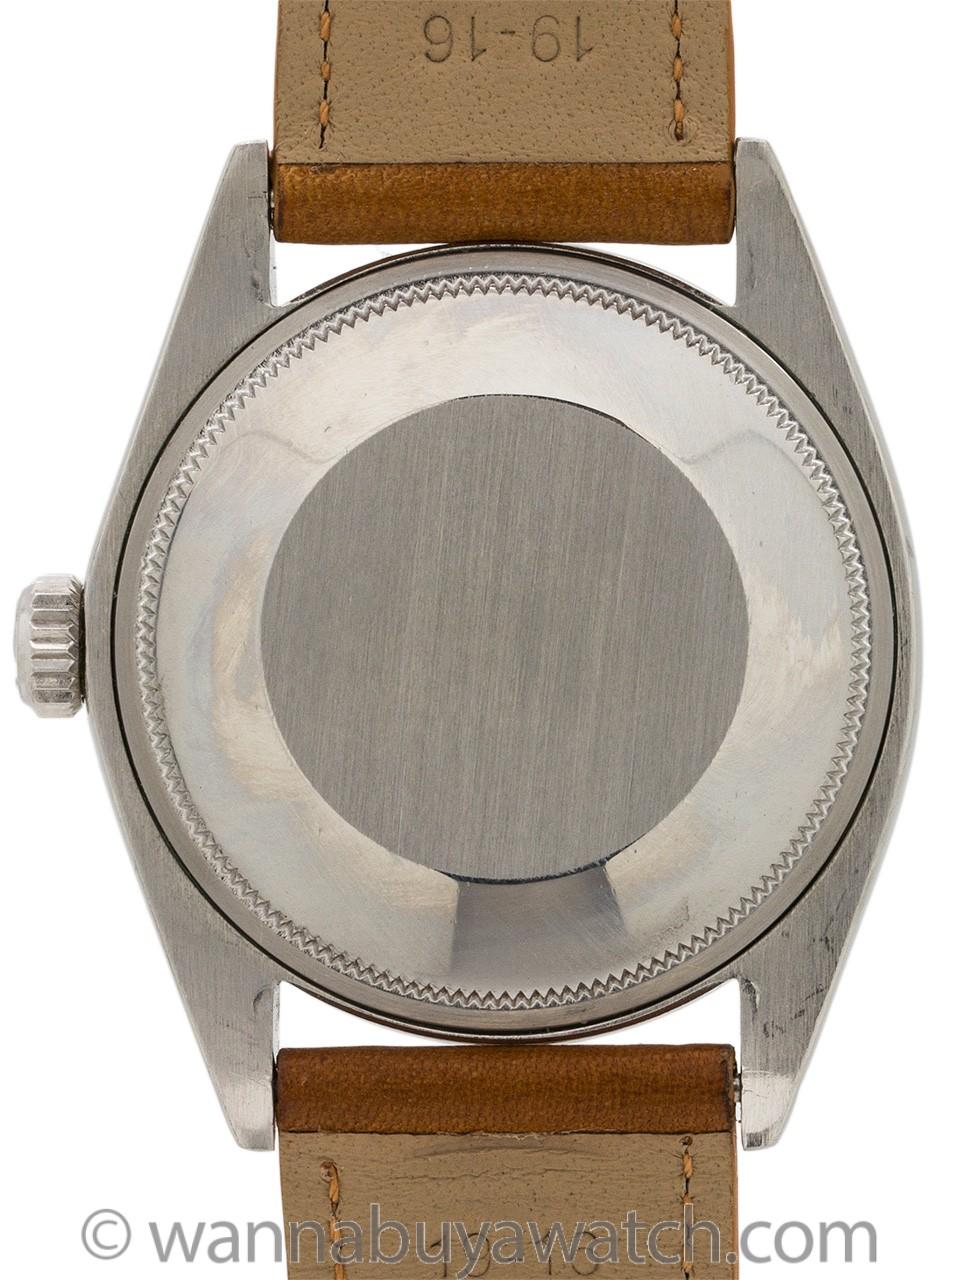 Rolex Oyster Perpetual Date ref 1500 circa 1972